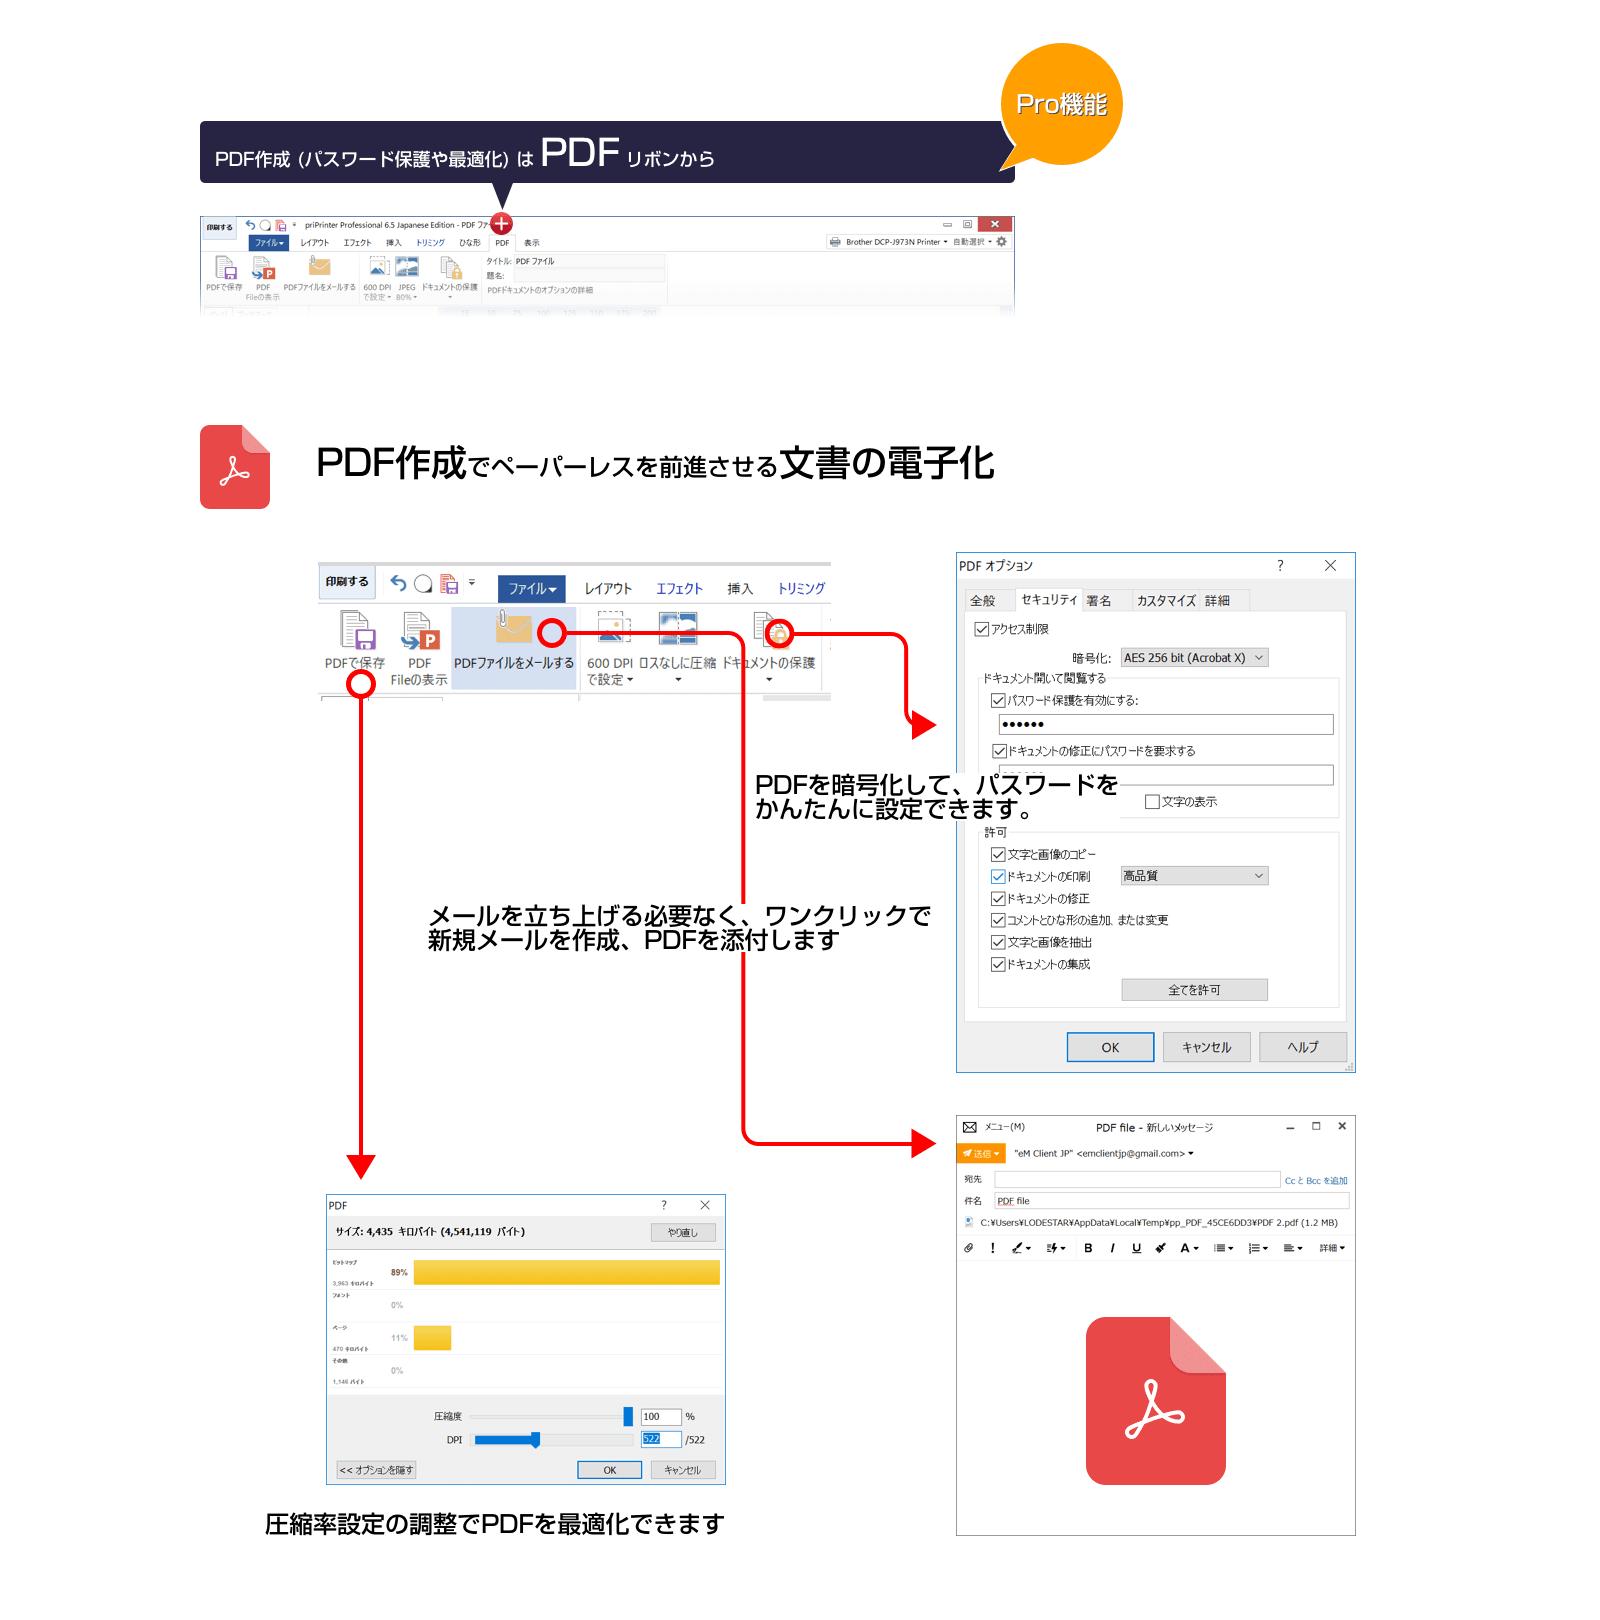 PDF作成も可能です。PDFのパスワード設定も簡単。そのままメールに添付もできます